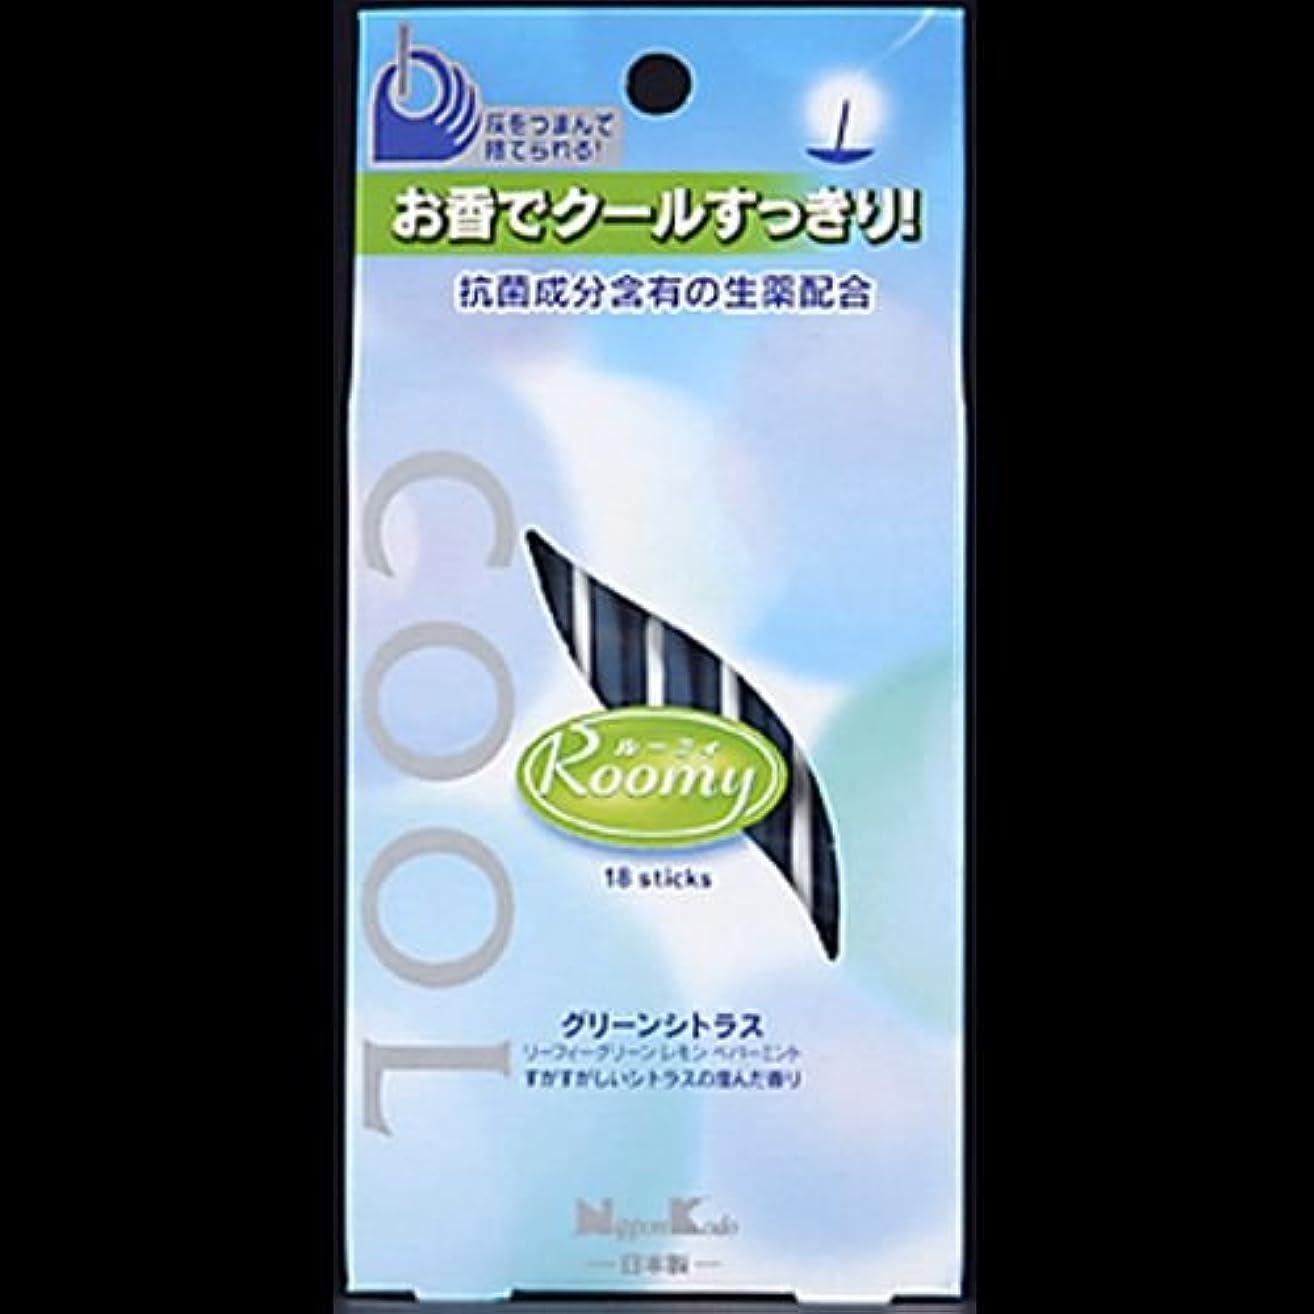 鷹騒々しい資格情報【まとめ買い】ルーミィ クール スティック 18本 ×2セット